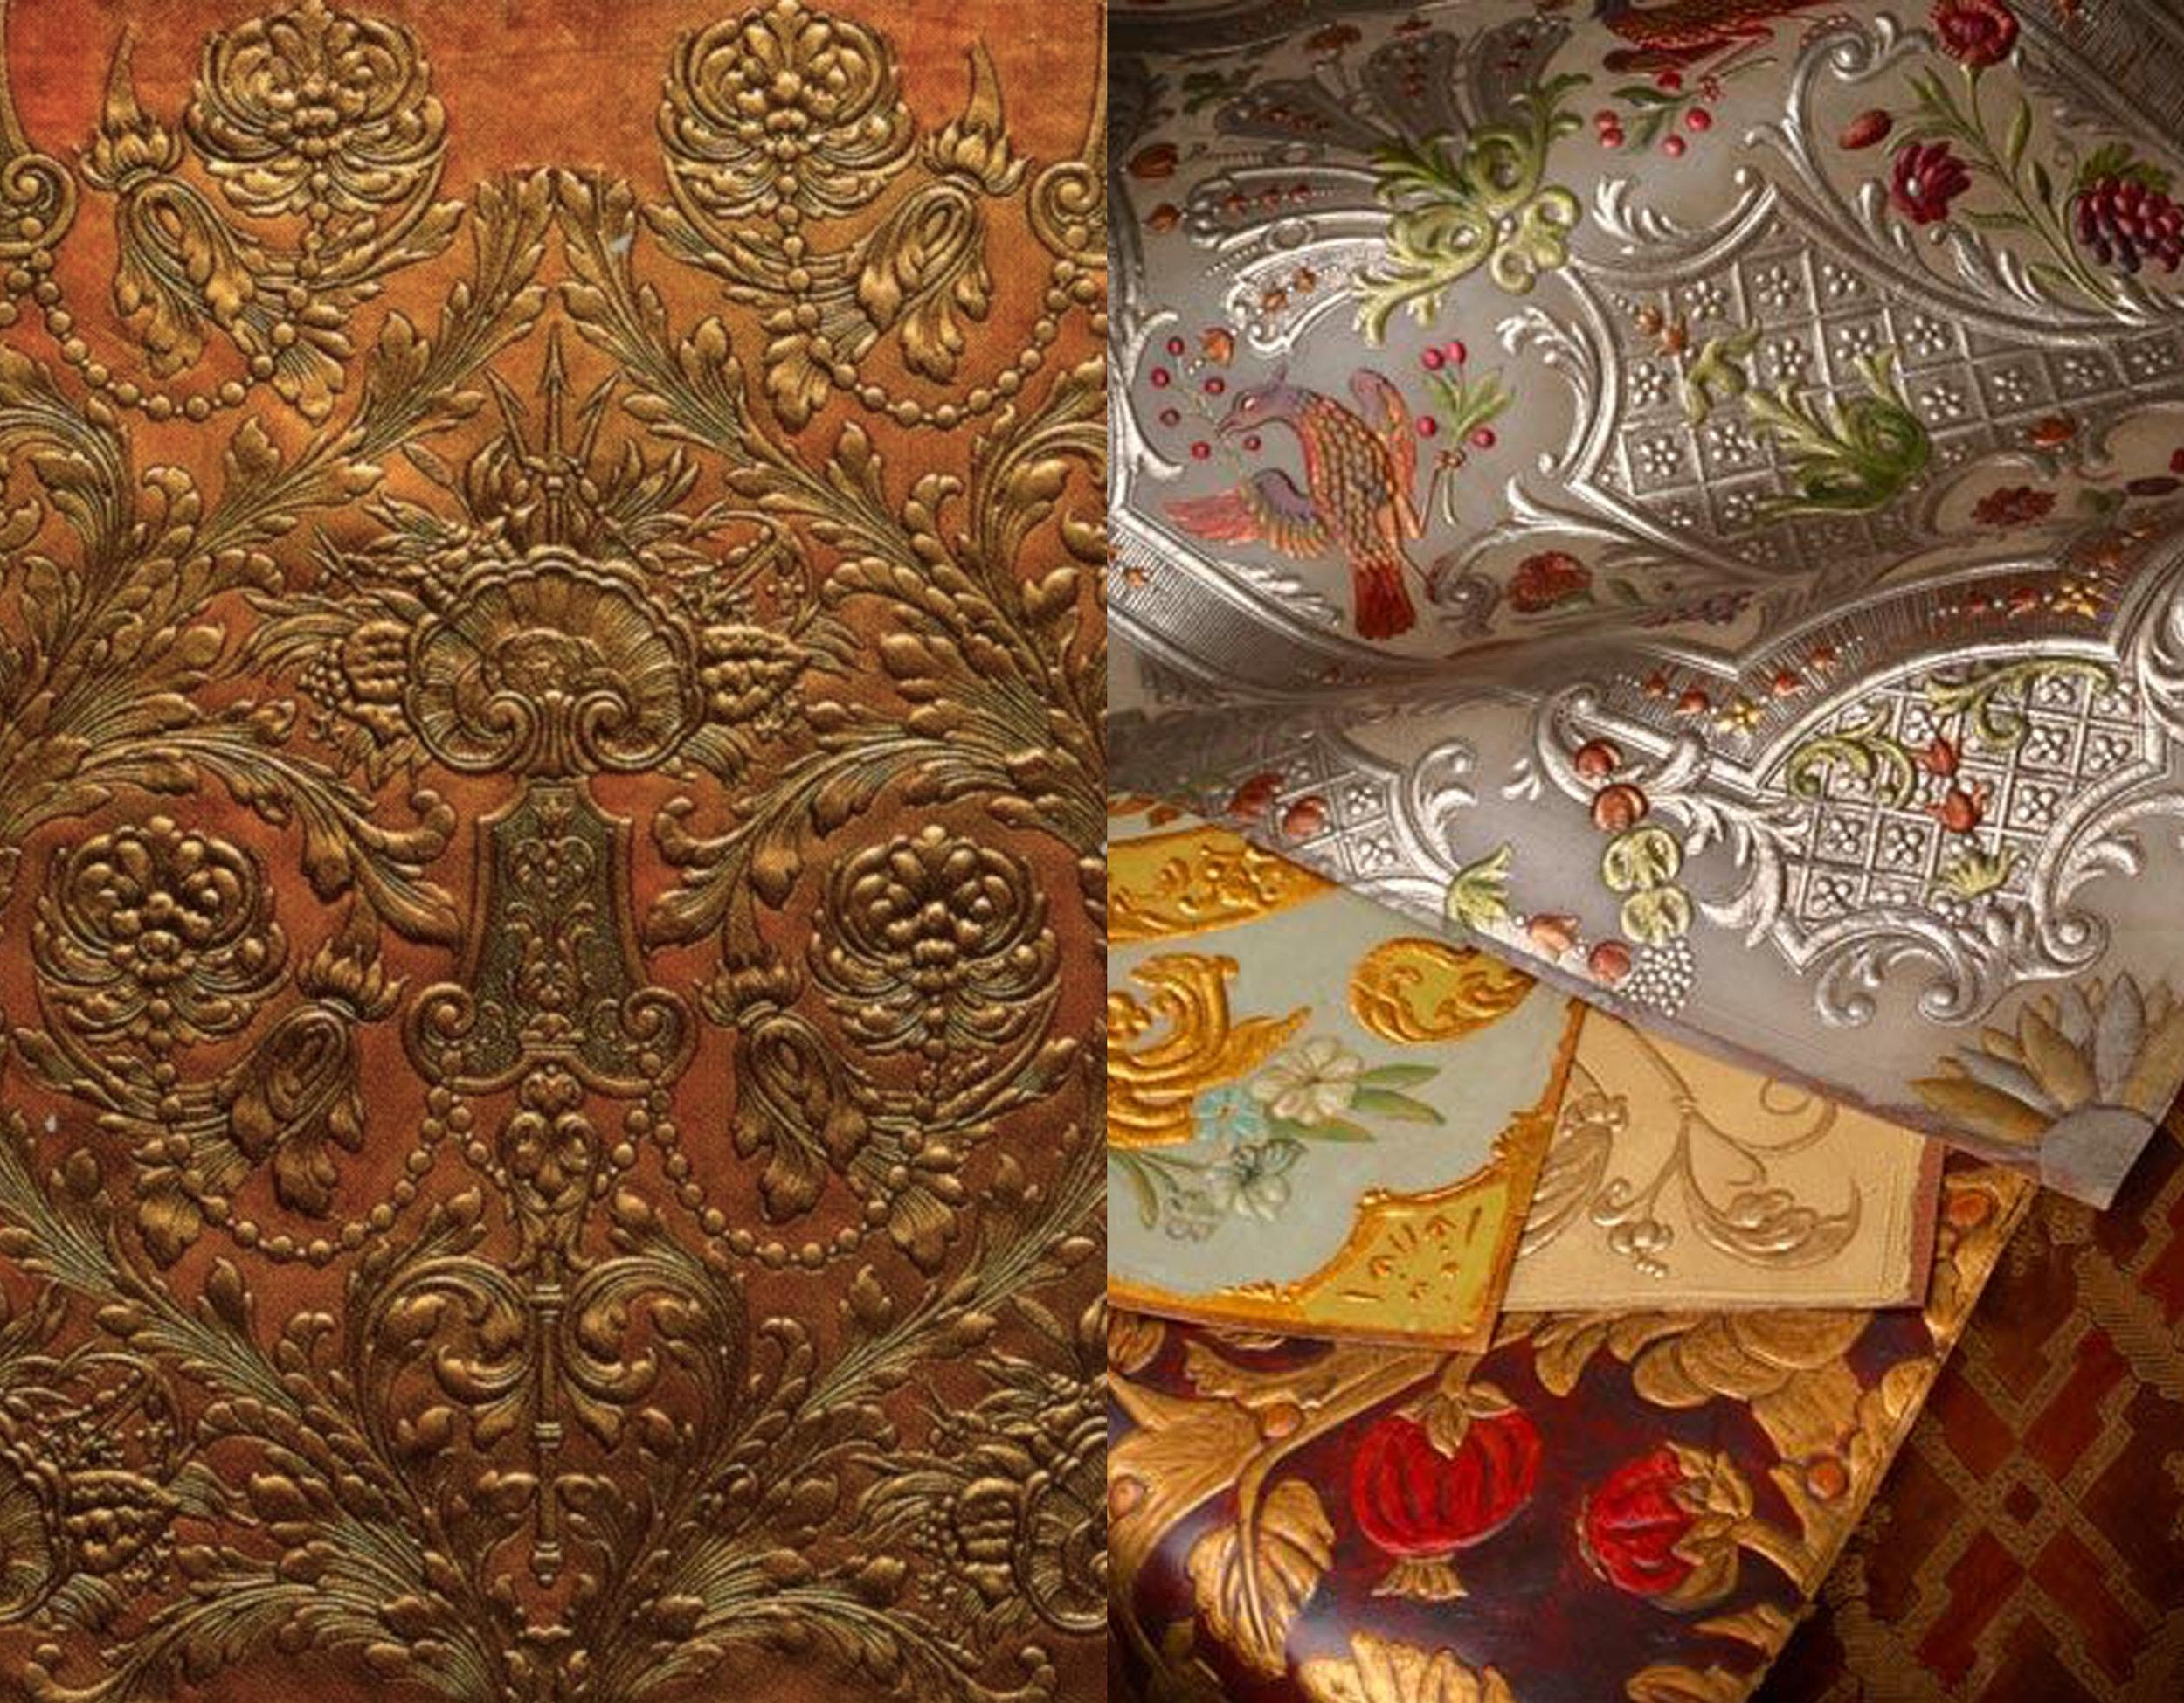 Embossed leather  Maison Fey  - embossed leather via  Tatiana Tafur